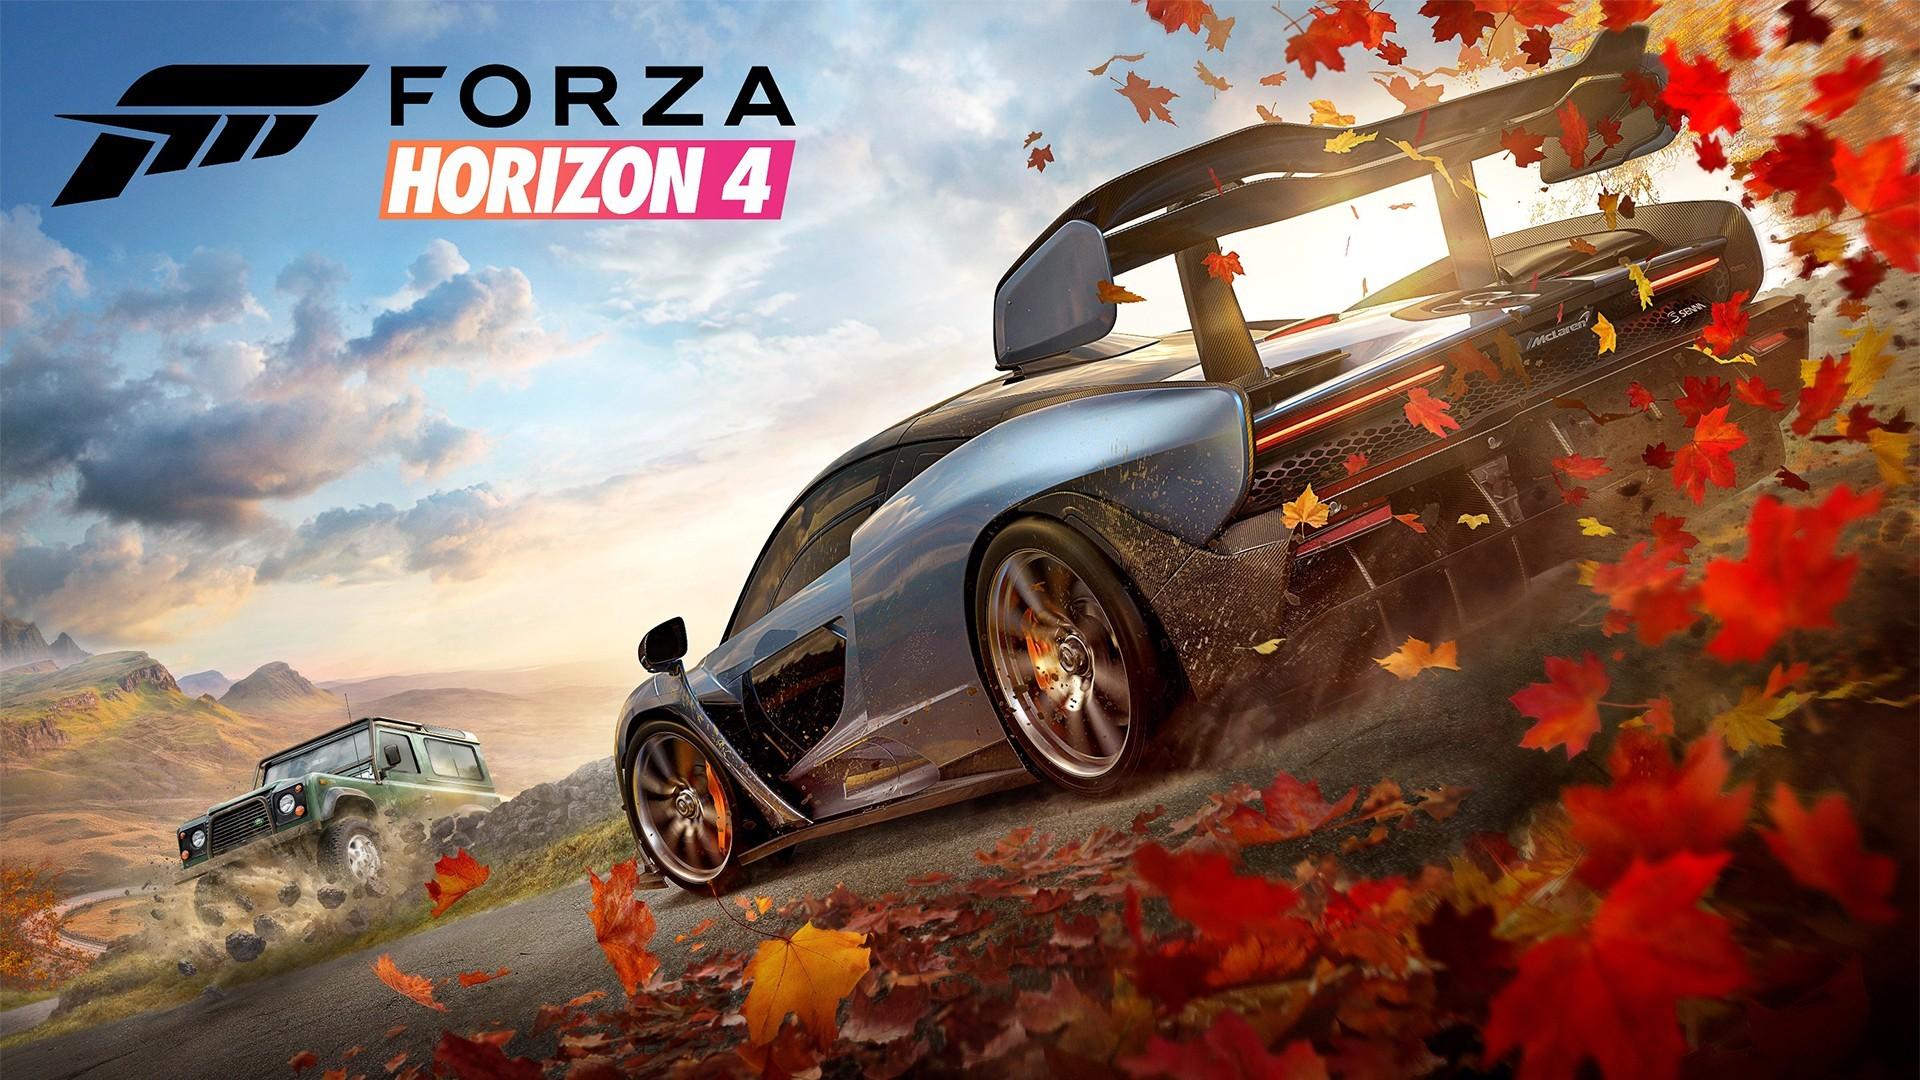 极限竞速:地平线4 Forza Horizon 4中文版